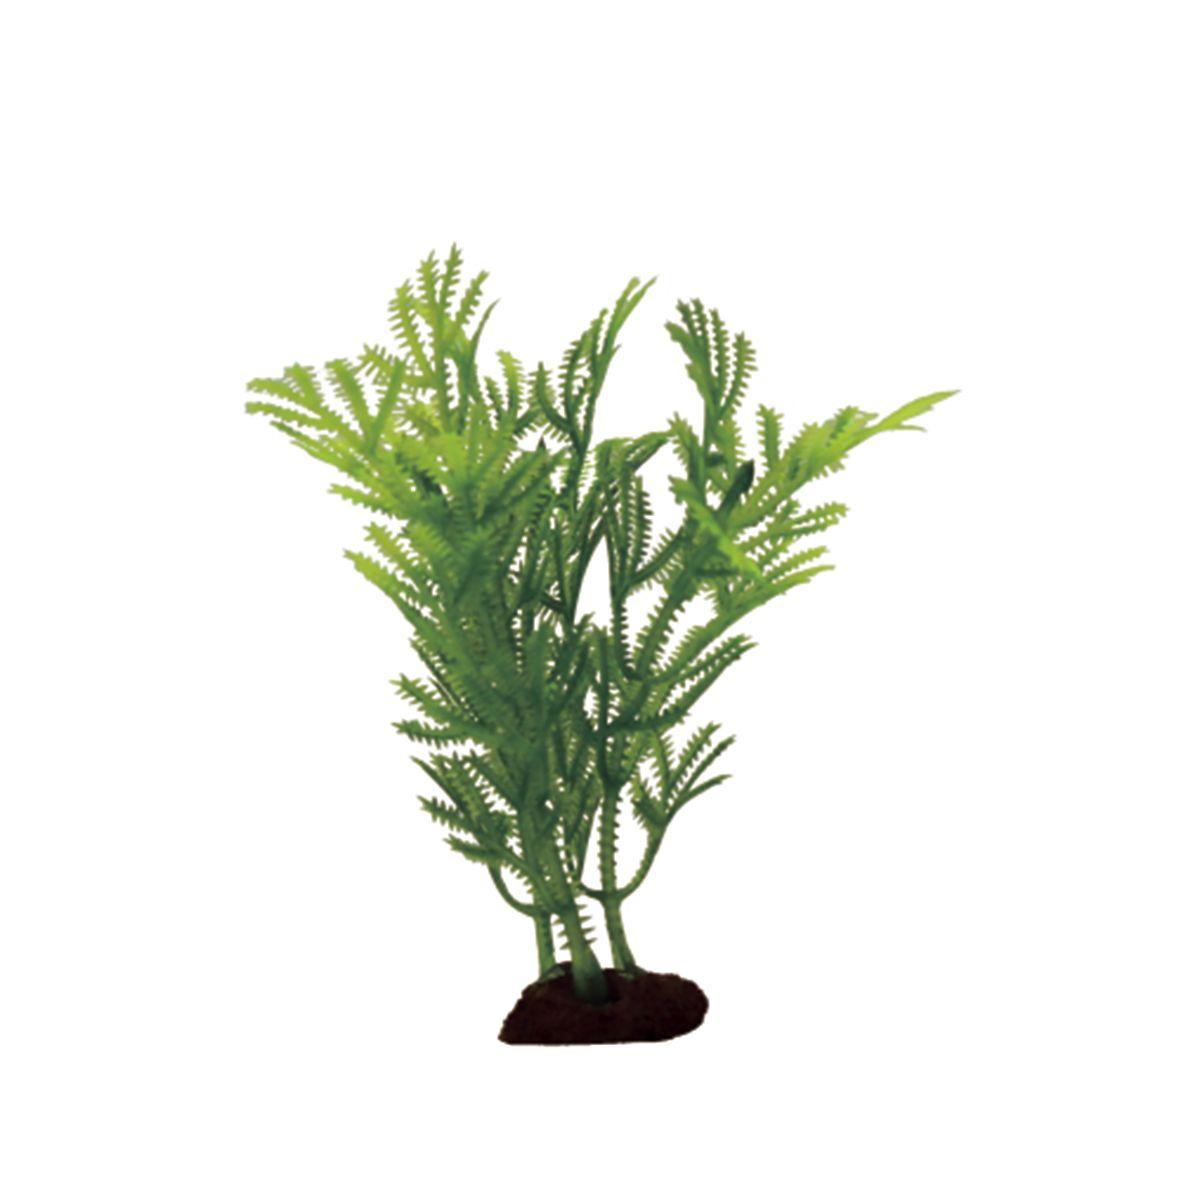 Растение для аквариума ArtUniq Хоттиния , высота 10 см, 6 шт0120710Растение для аквариума ArtUniq Хоттиния , высота 10 см, 6 шт